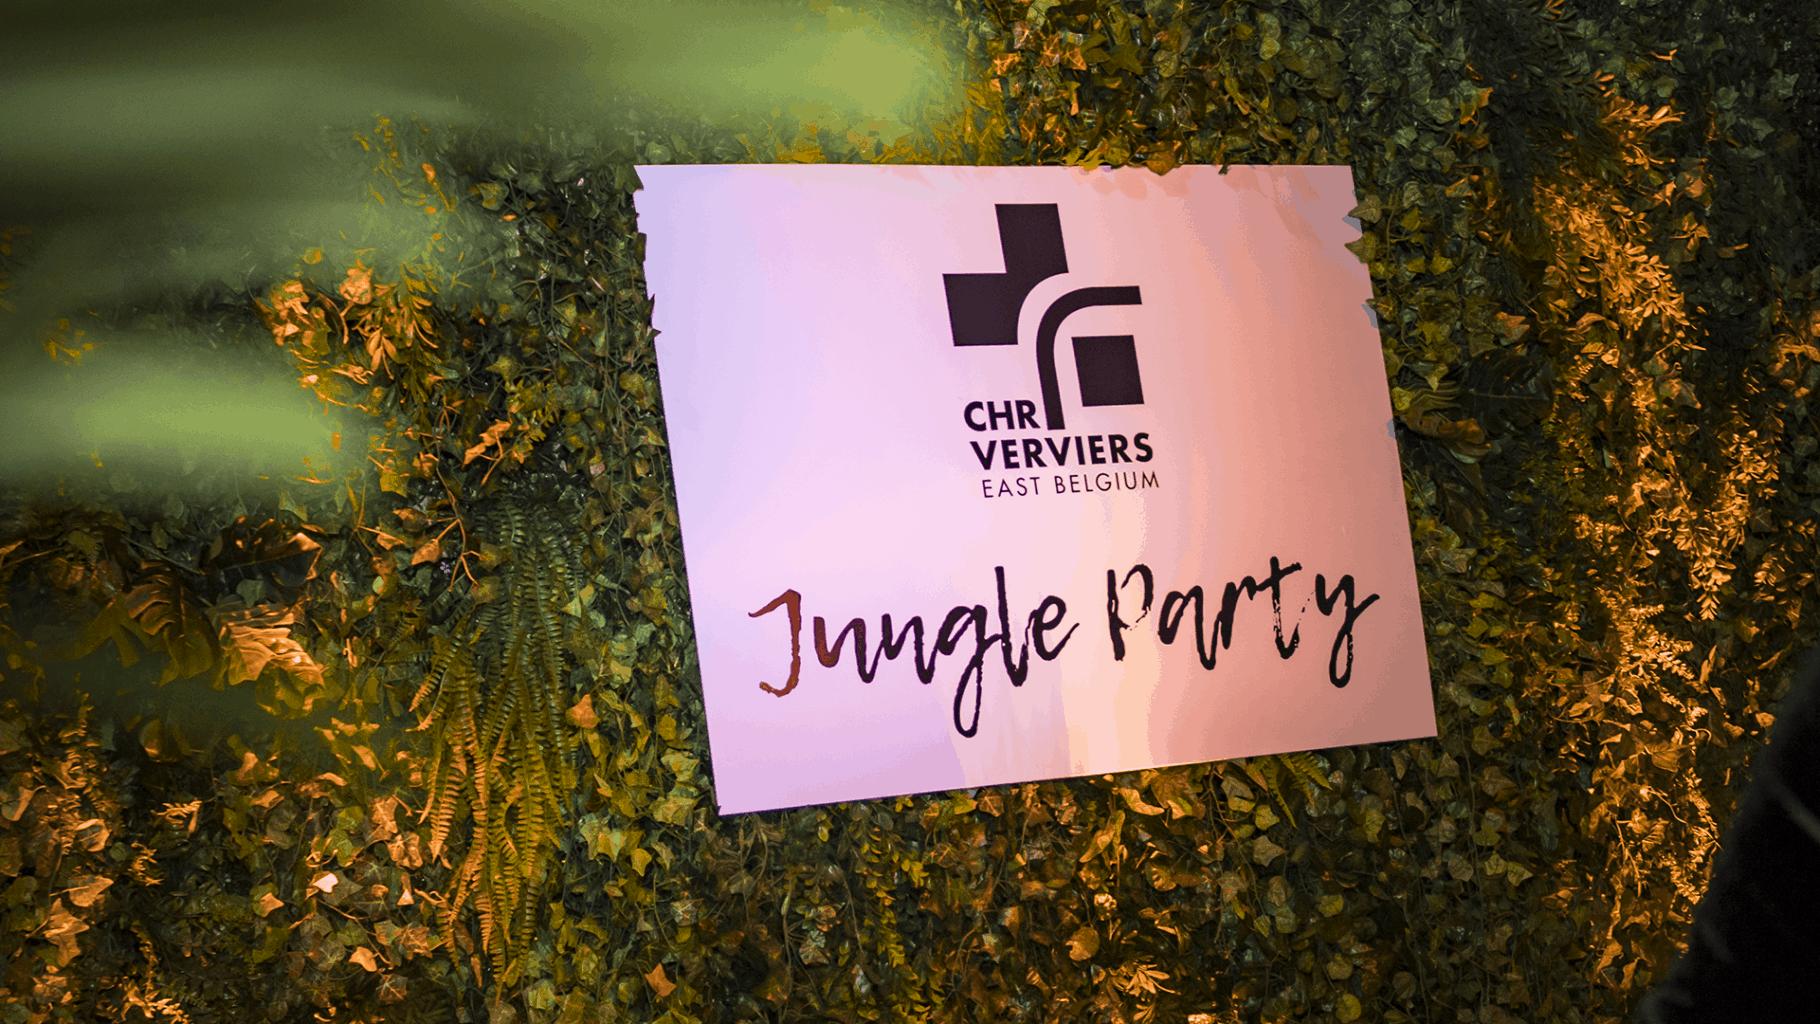 Jungle party du CHRV organisée par SO Event